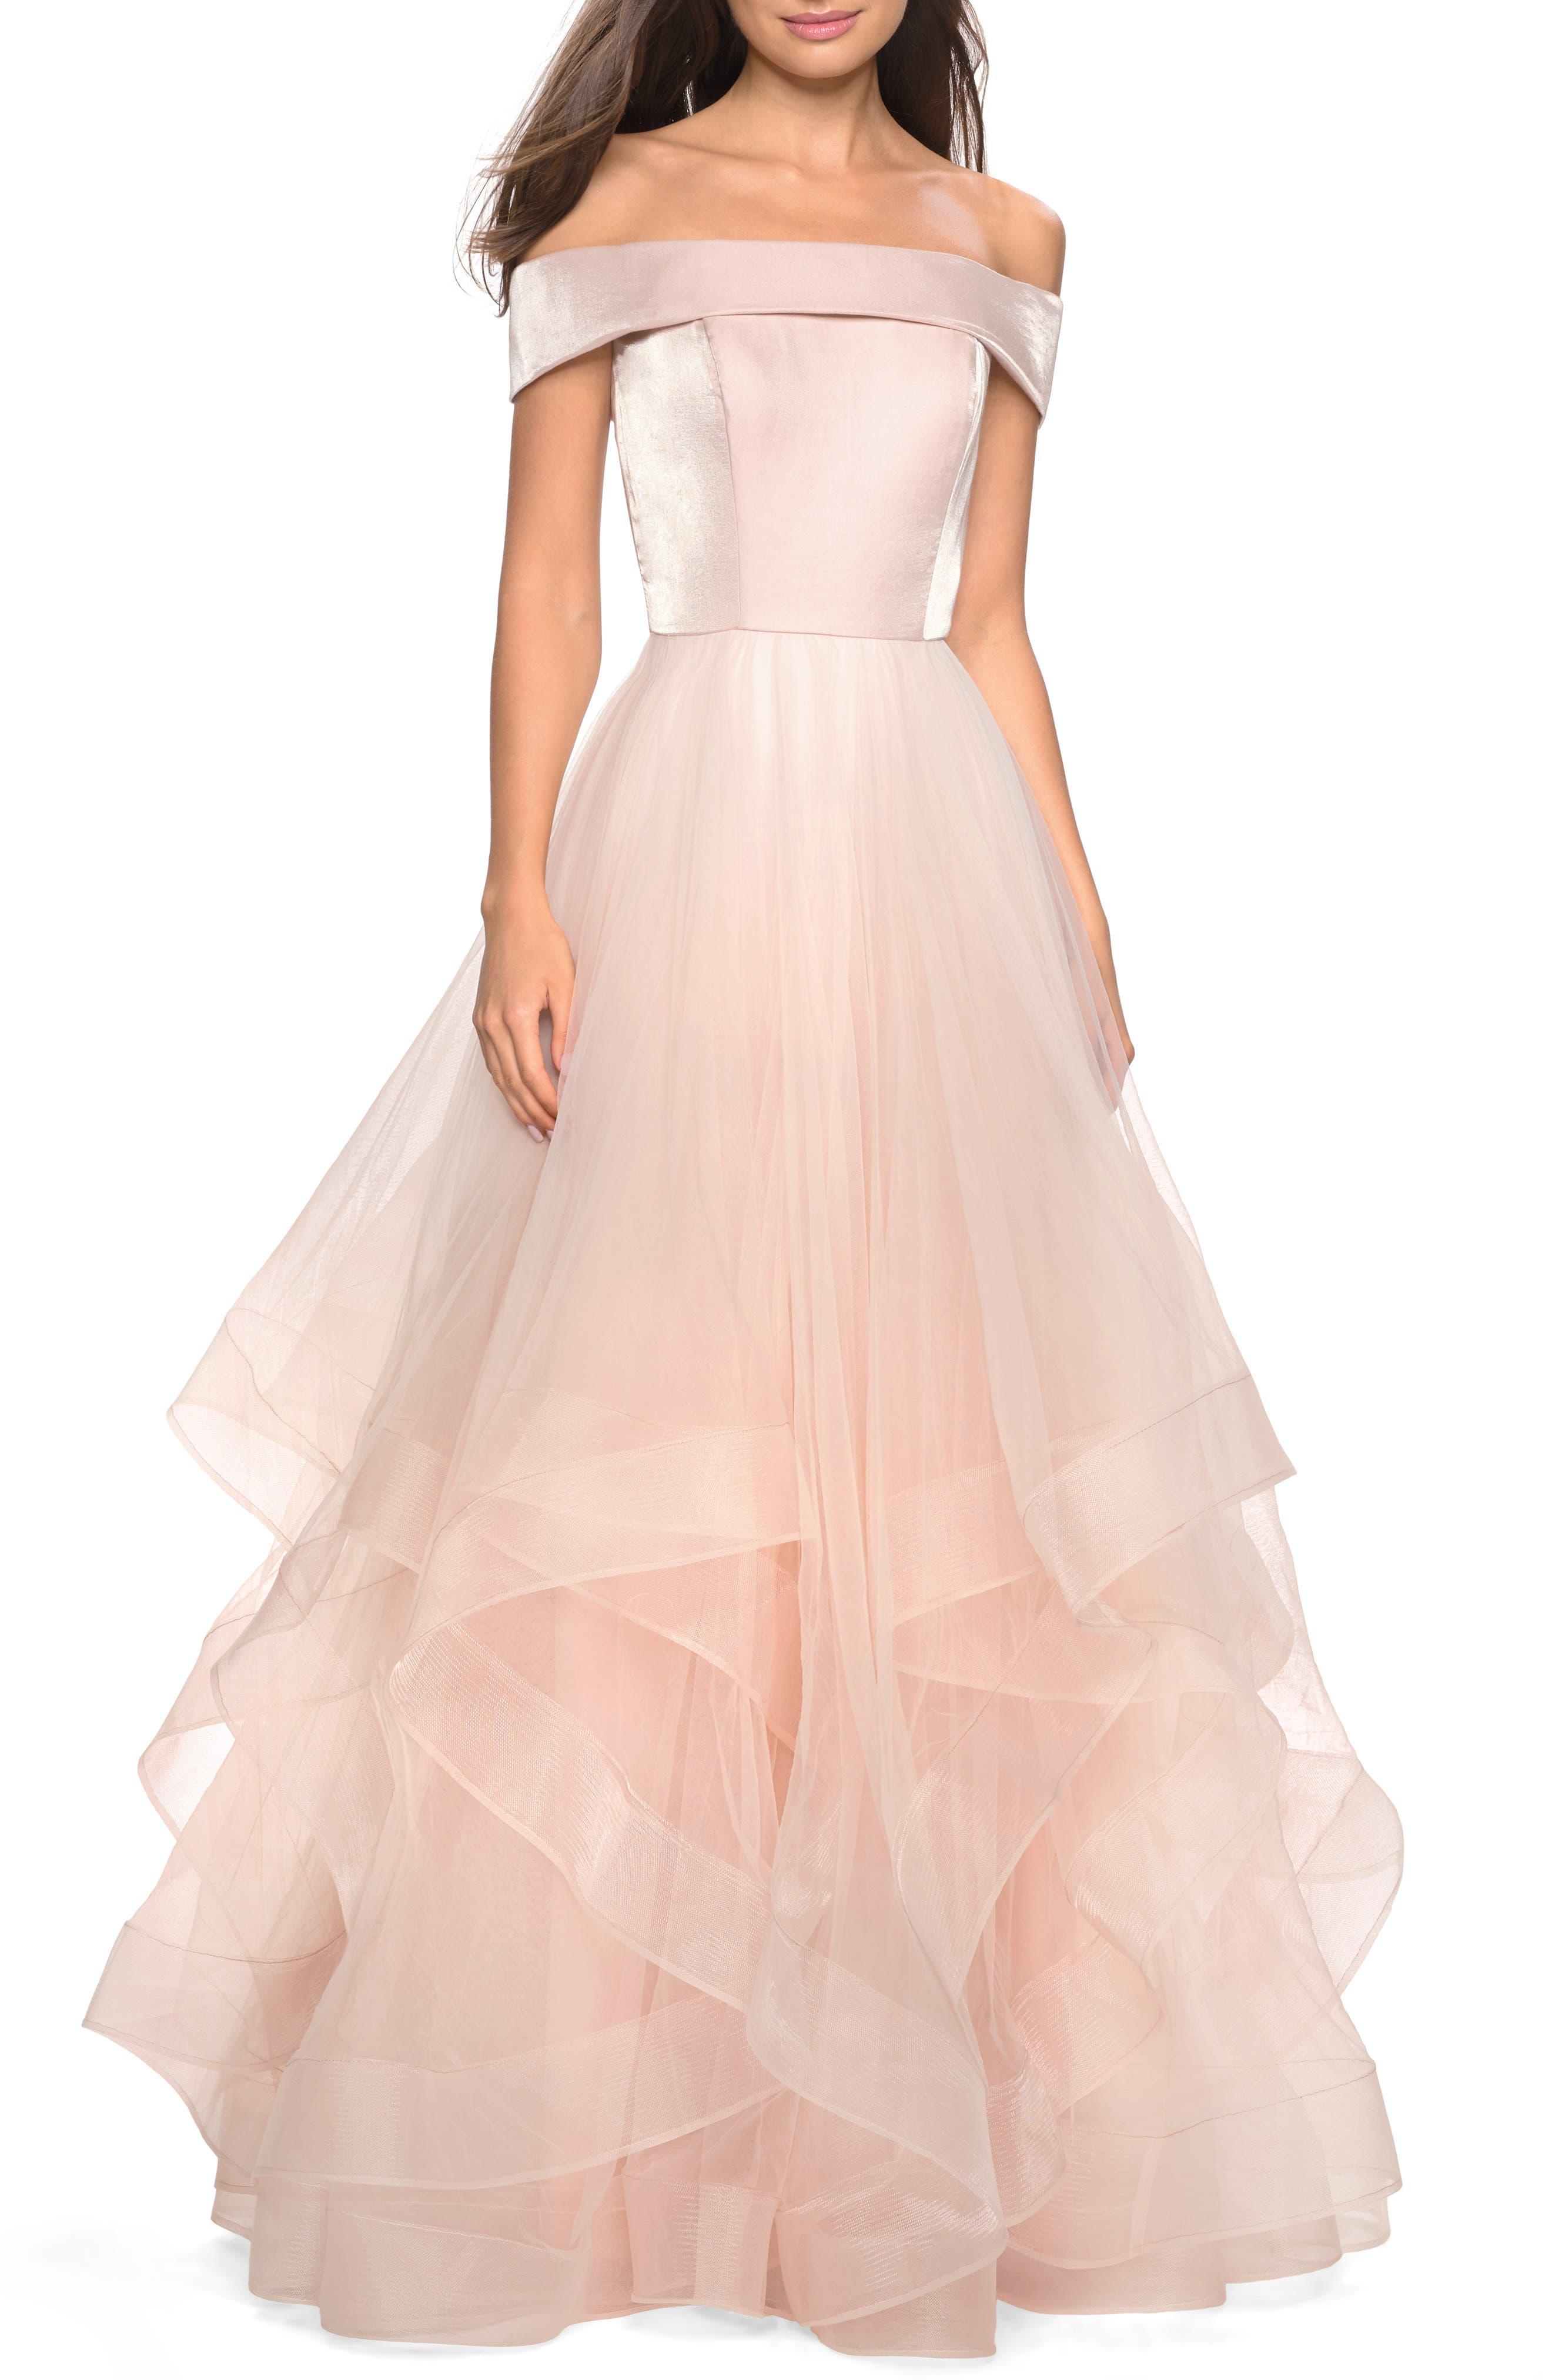 La Femme Off The Shoulder Evening Dress, Pink